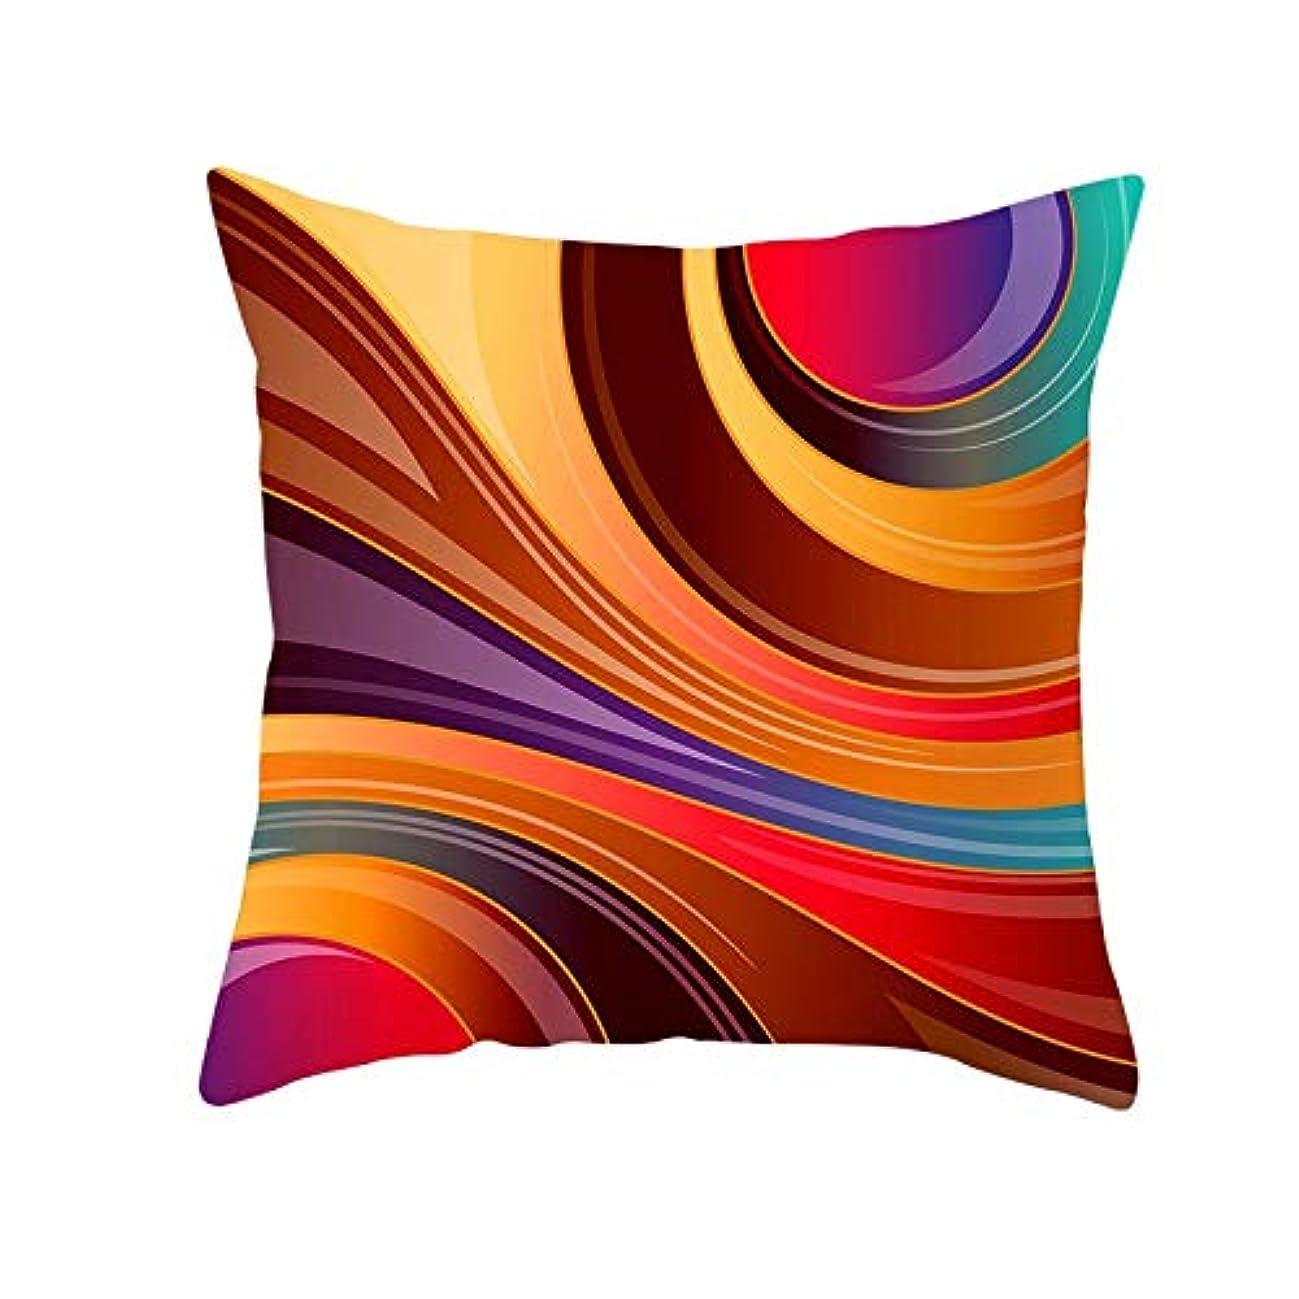 残酷抑制するひねくれたLIFE 装飾クッションソファ 幾何学プリントポリエステル正方形の枕ソファスロークッション家の装飾 coussin デ長椅子 クッション 椅子